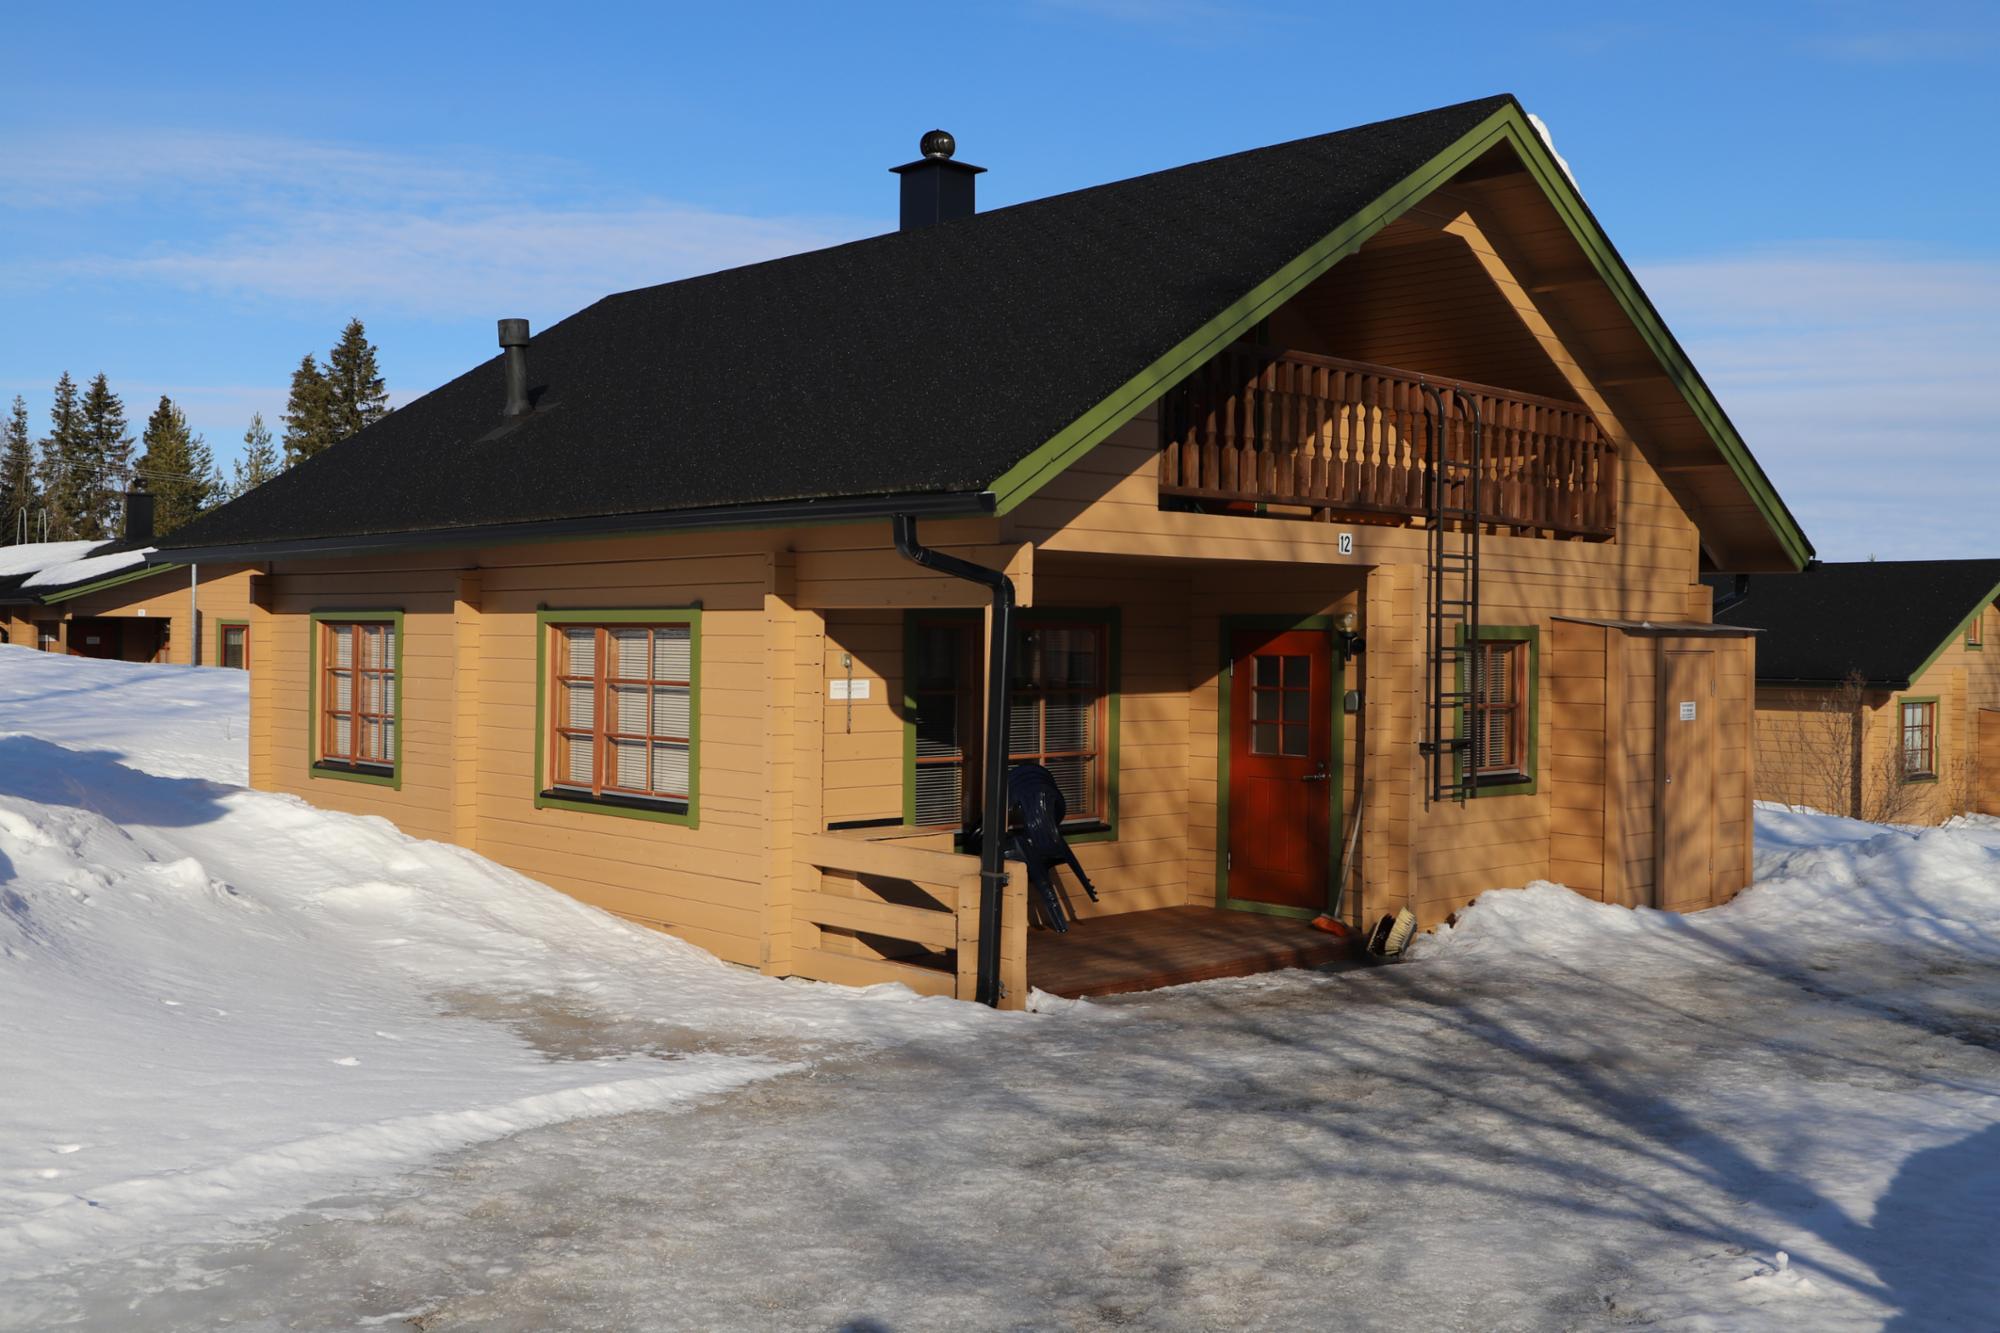 Matkailumaja Heikkala cottage 8 person